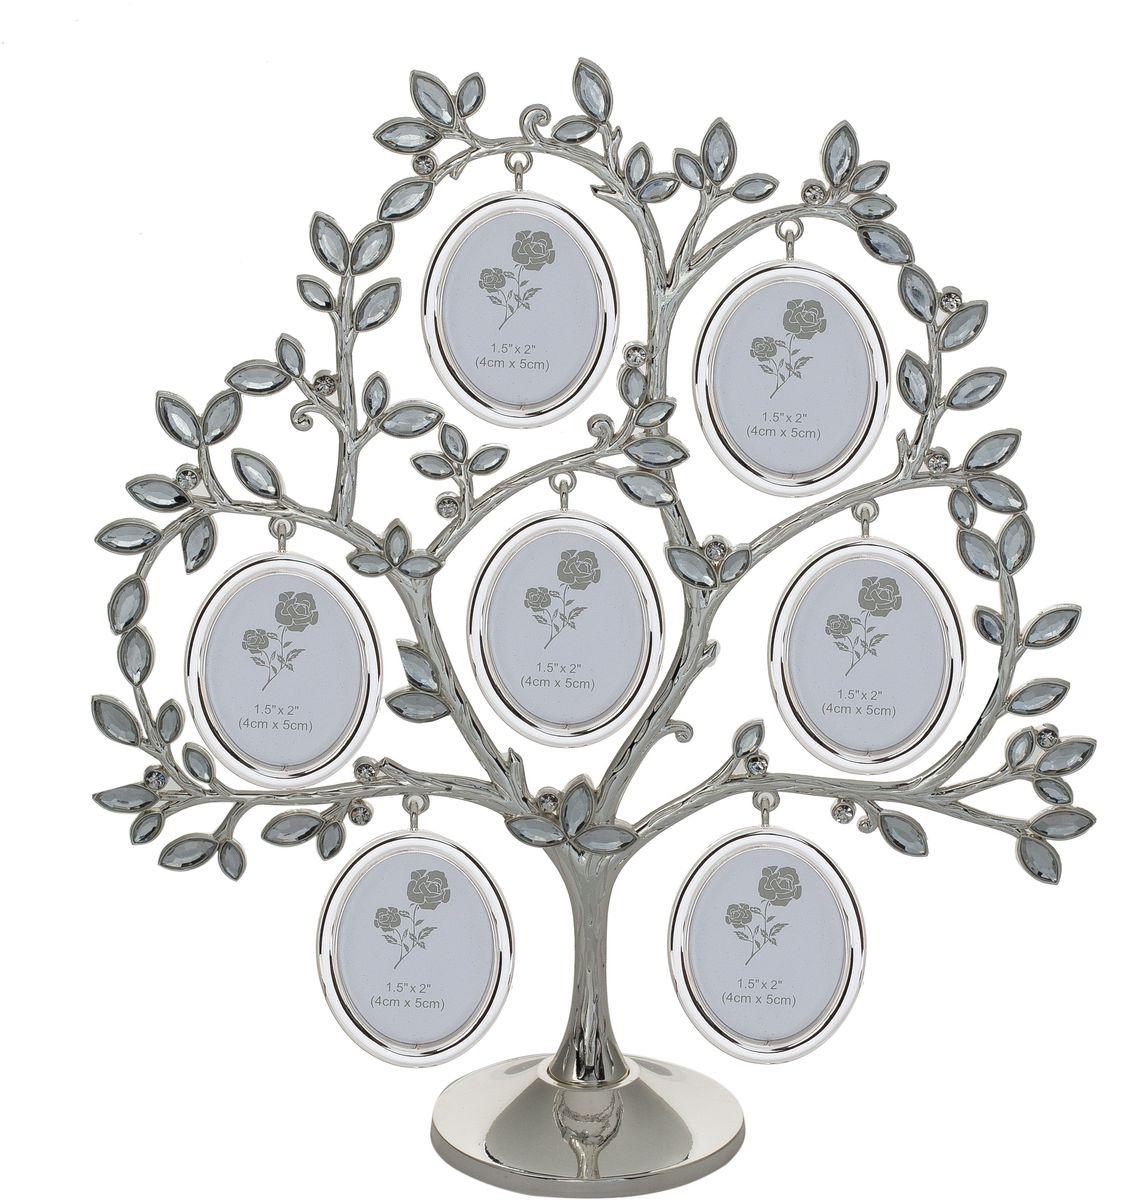 Фоторамка Platinum Дерево, цвет: светло-серый, на 7 фото, 4 x 5 см. PF107927 фоторамок на дереве PF10792Декоративная фоторамка Platinum Дерево выполнена из металла. На подставку в виде деревца подвешиваются семь овальных фоторамок. Листочки украшены стразами. Изысканная и эффектная, эта потрясающая рамочка покорит своей красотой и изумительным качеством исполнения. Фоторамка Platinum Дерево не только украсит интерьер помещения, но и поможет разместить фото всей вашей семьи. Высота фоторамки: 28 см. Фоторамка подходит для фотографий 4 х 5 см.Общий размер фоторамки: 24,5 х 6 х 28 см.